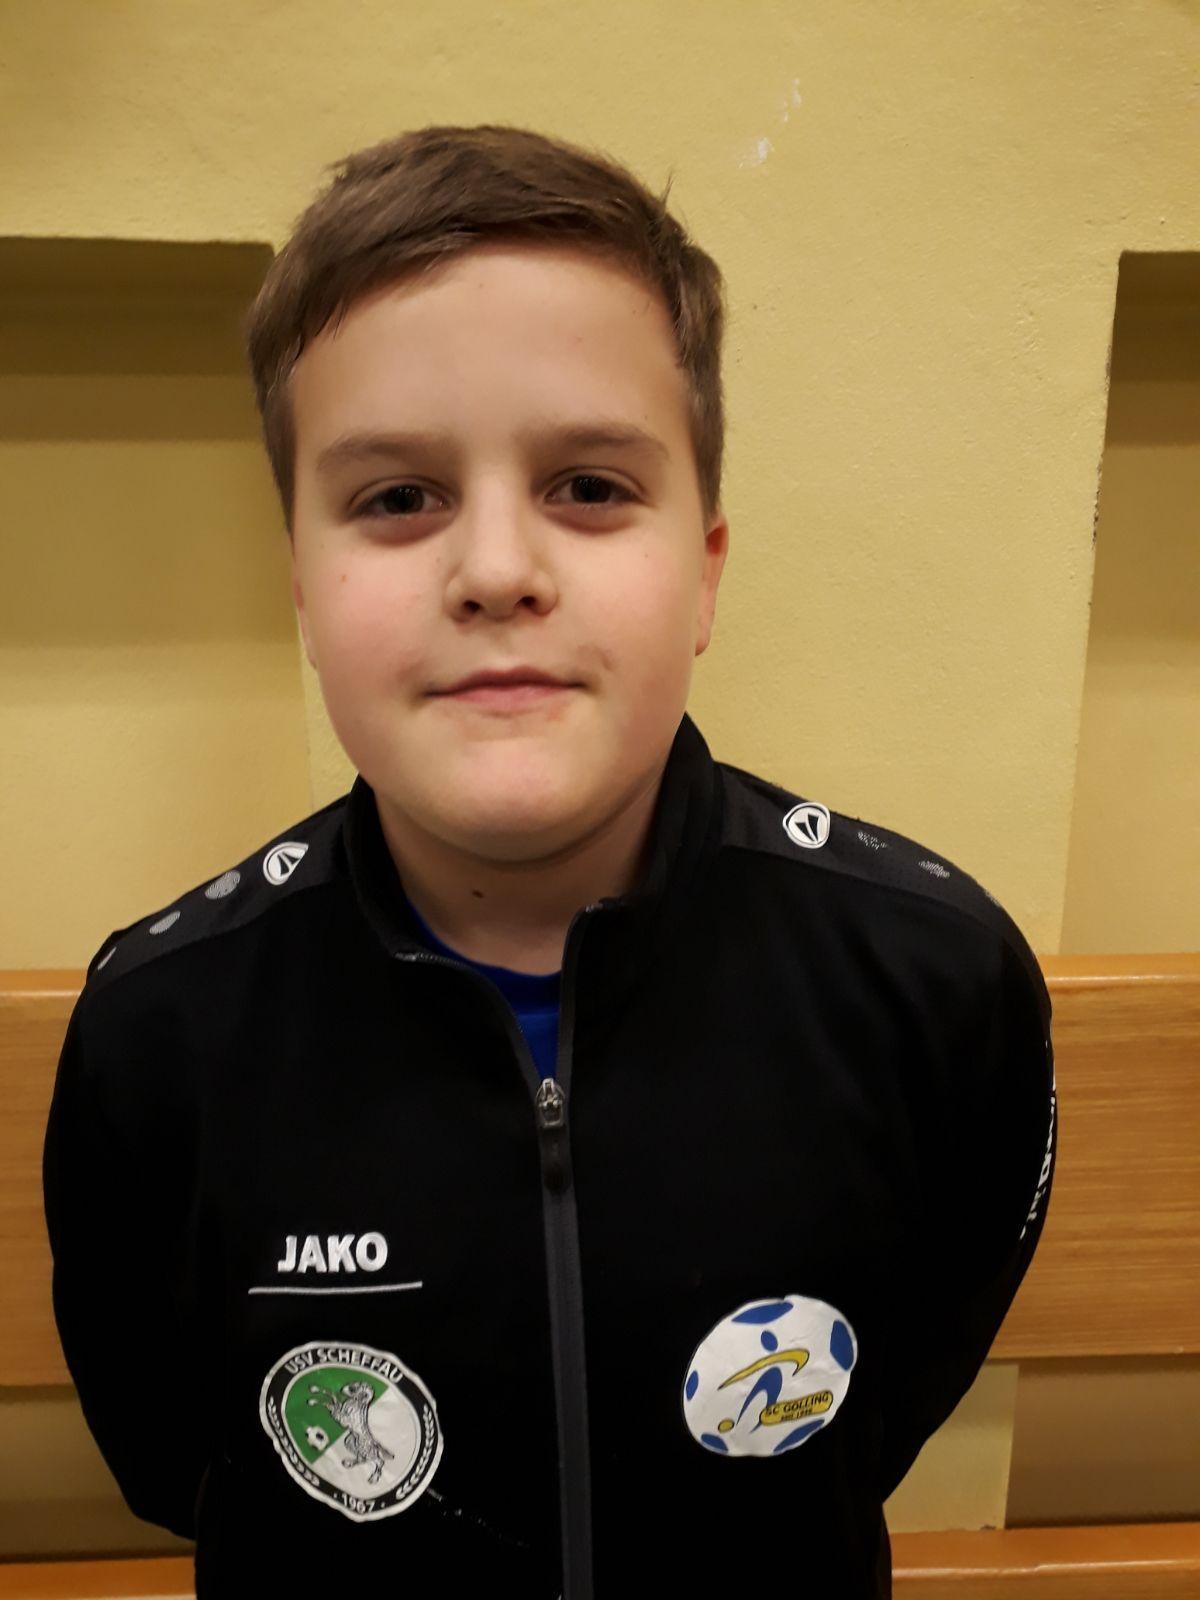 Jakob Poindl